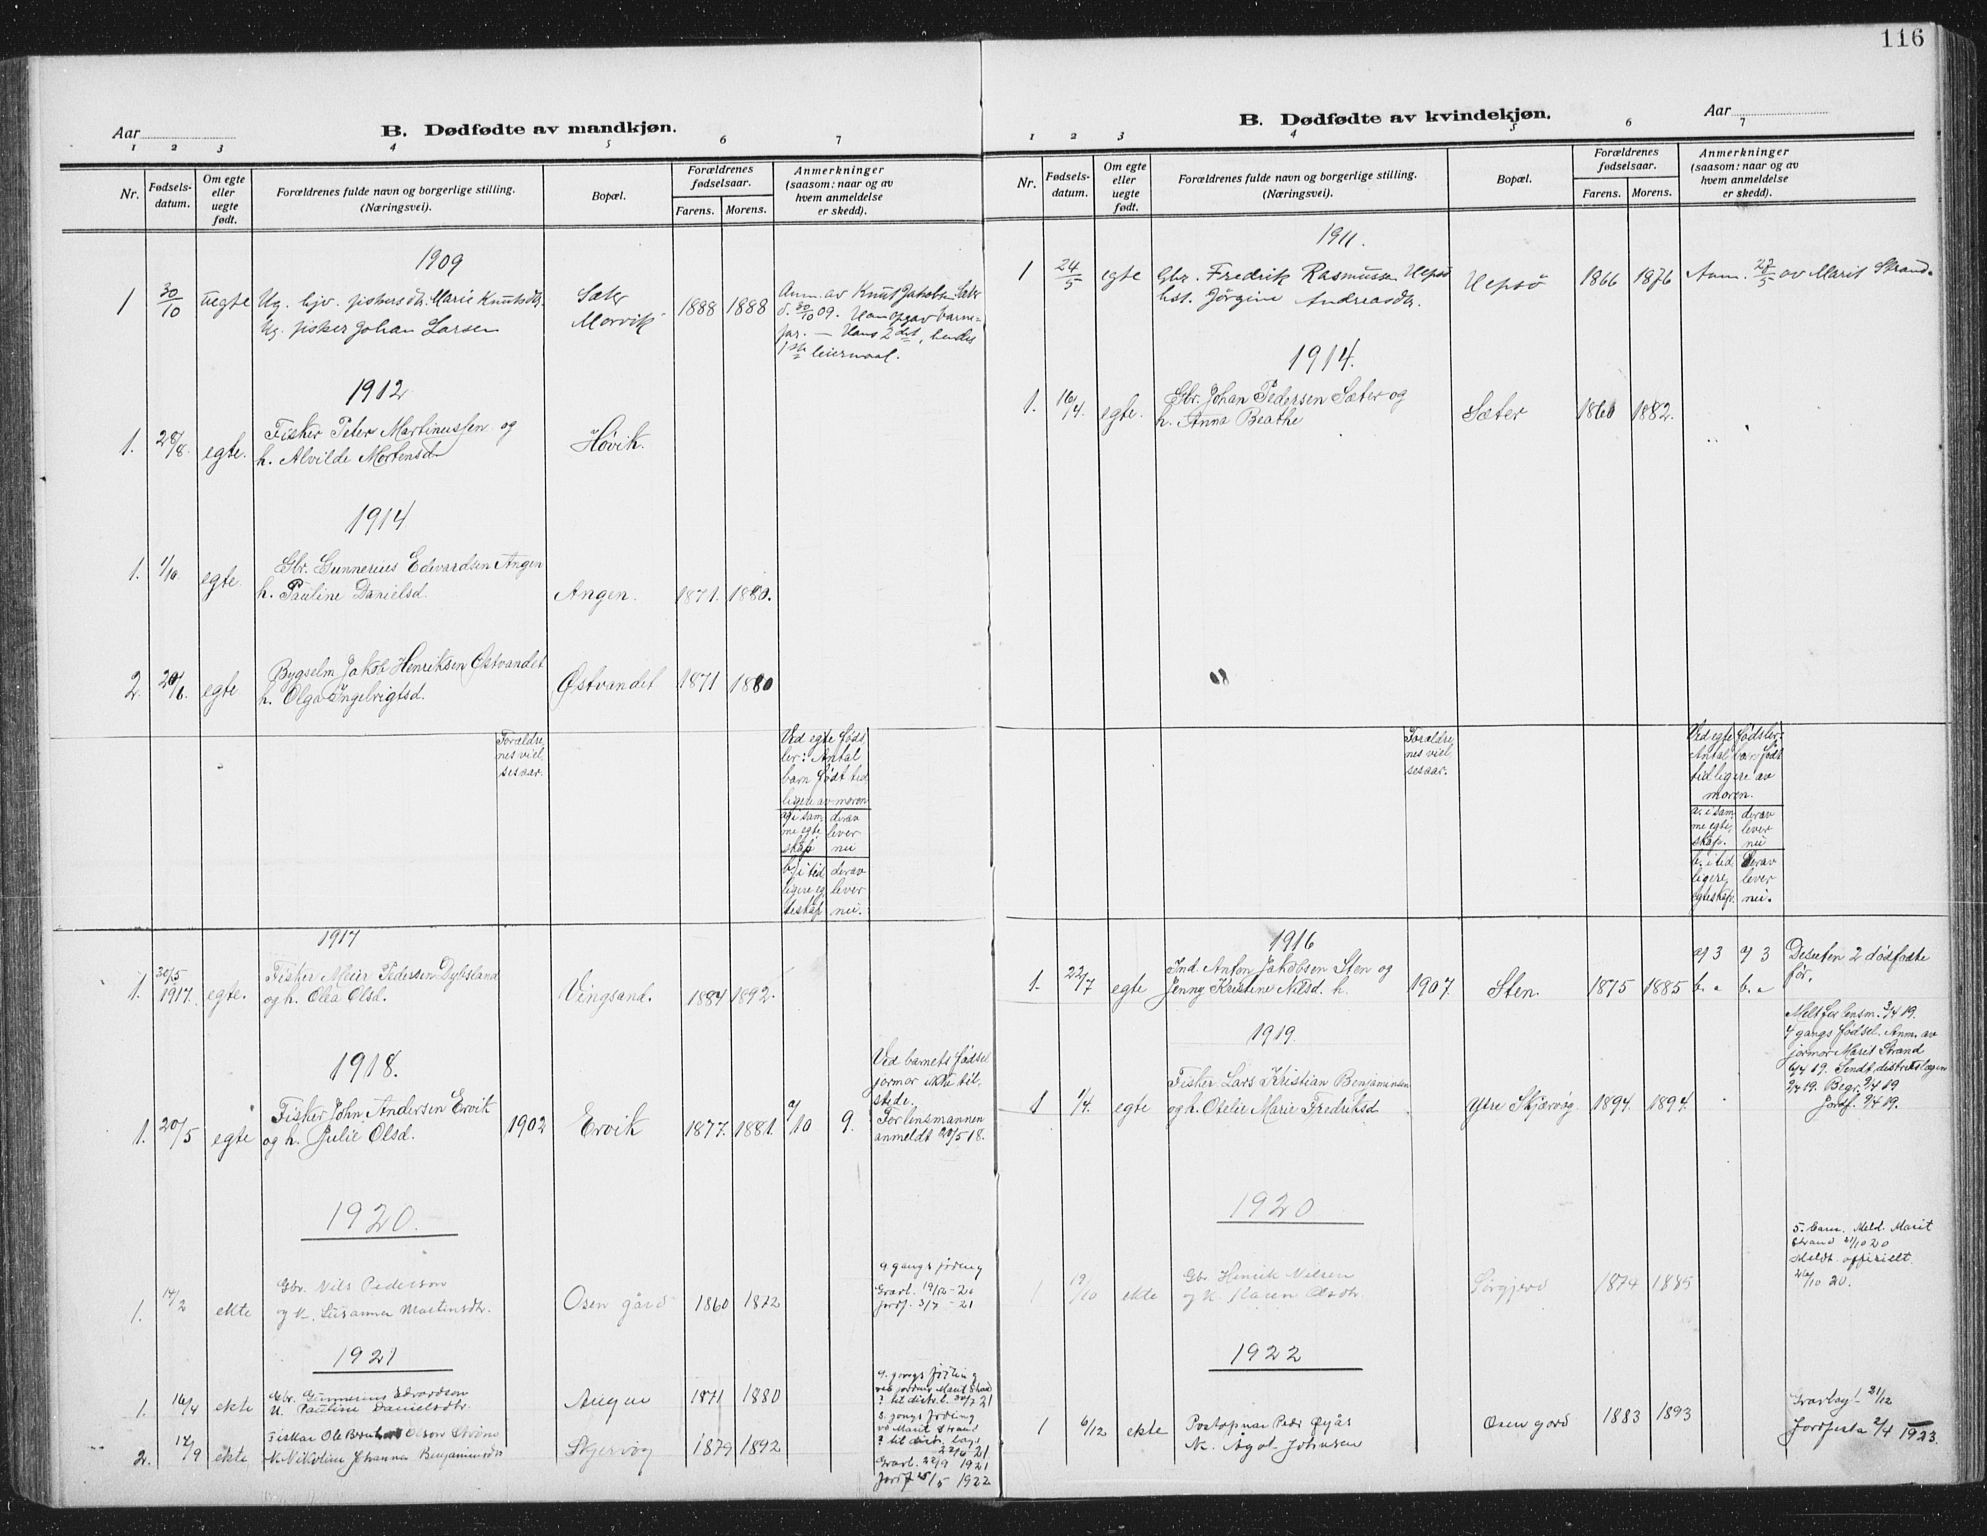 SAT, Ministerialprotokoller, klokkerbøker og fødselsregistre - Sør-Trøndelag, 658/L0727: Klokkerbok nr. 658C03, 1909-1935, s. 116